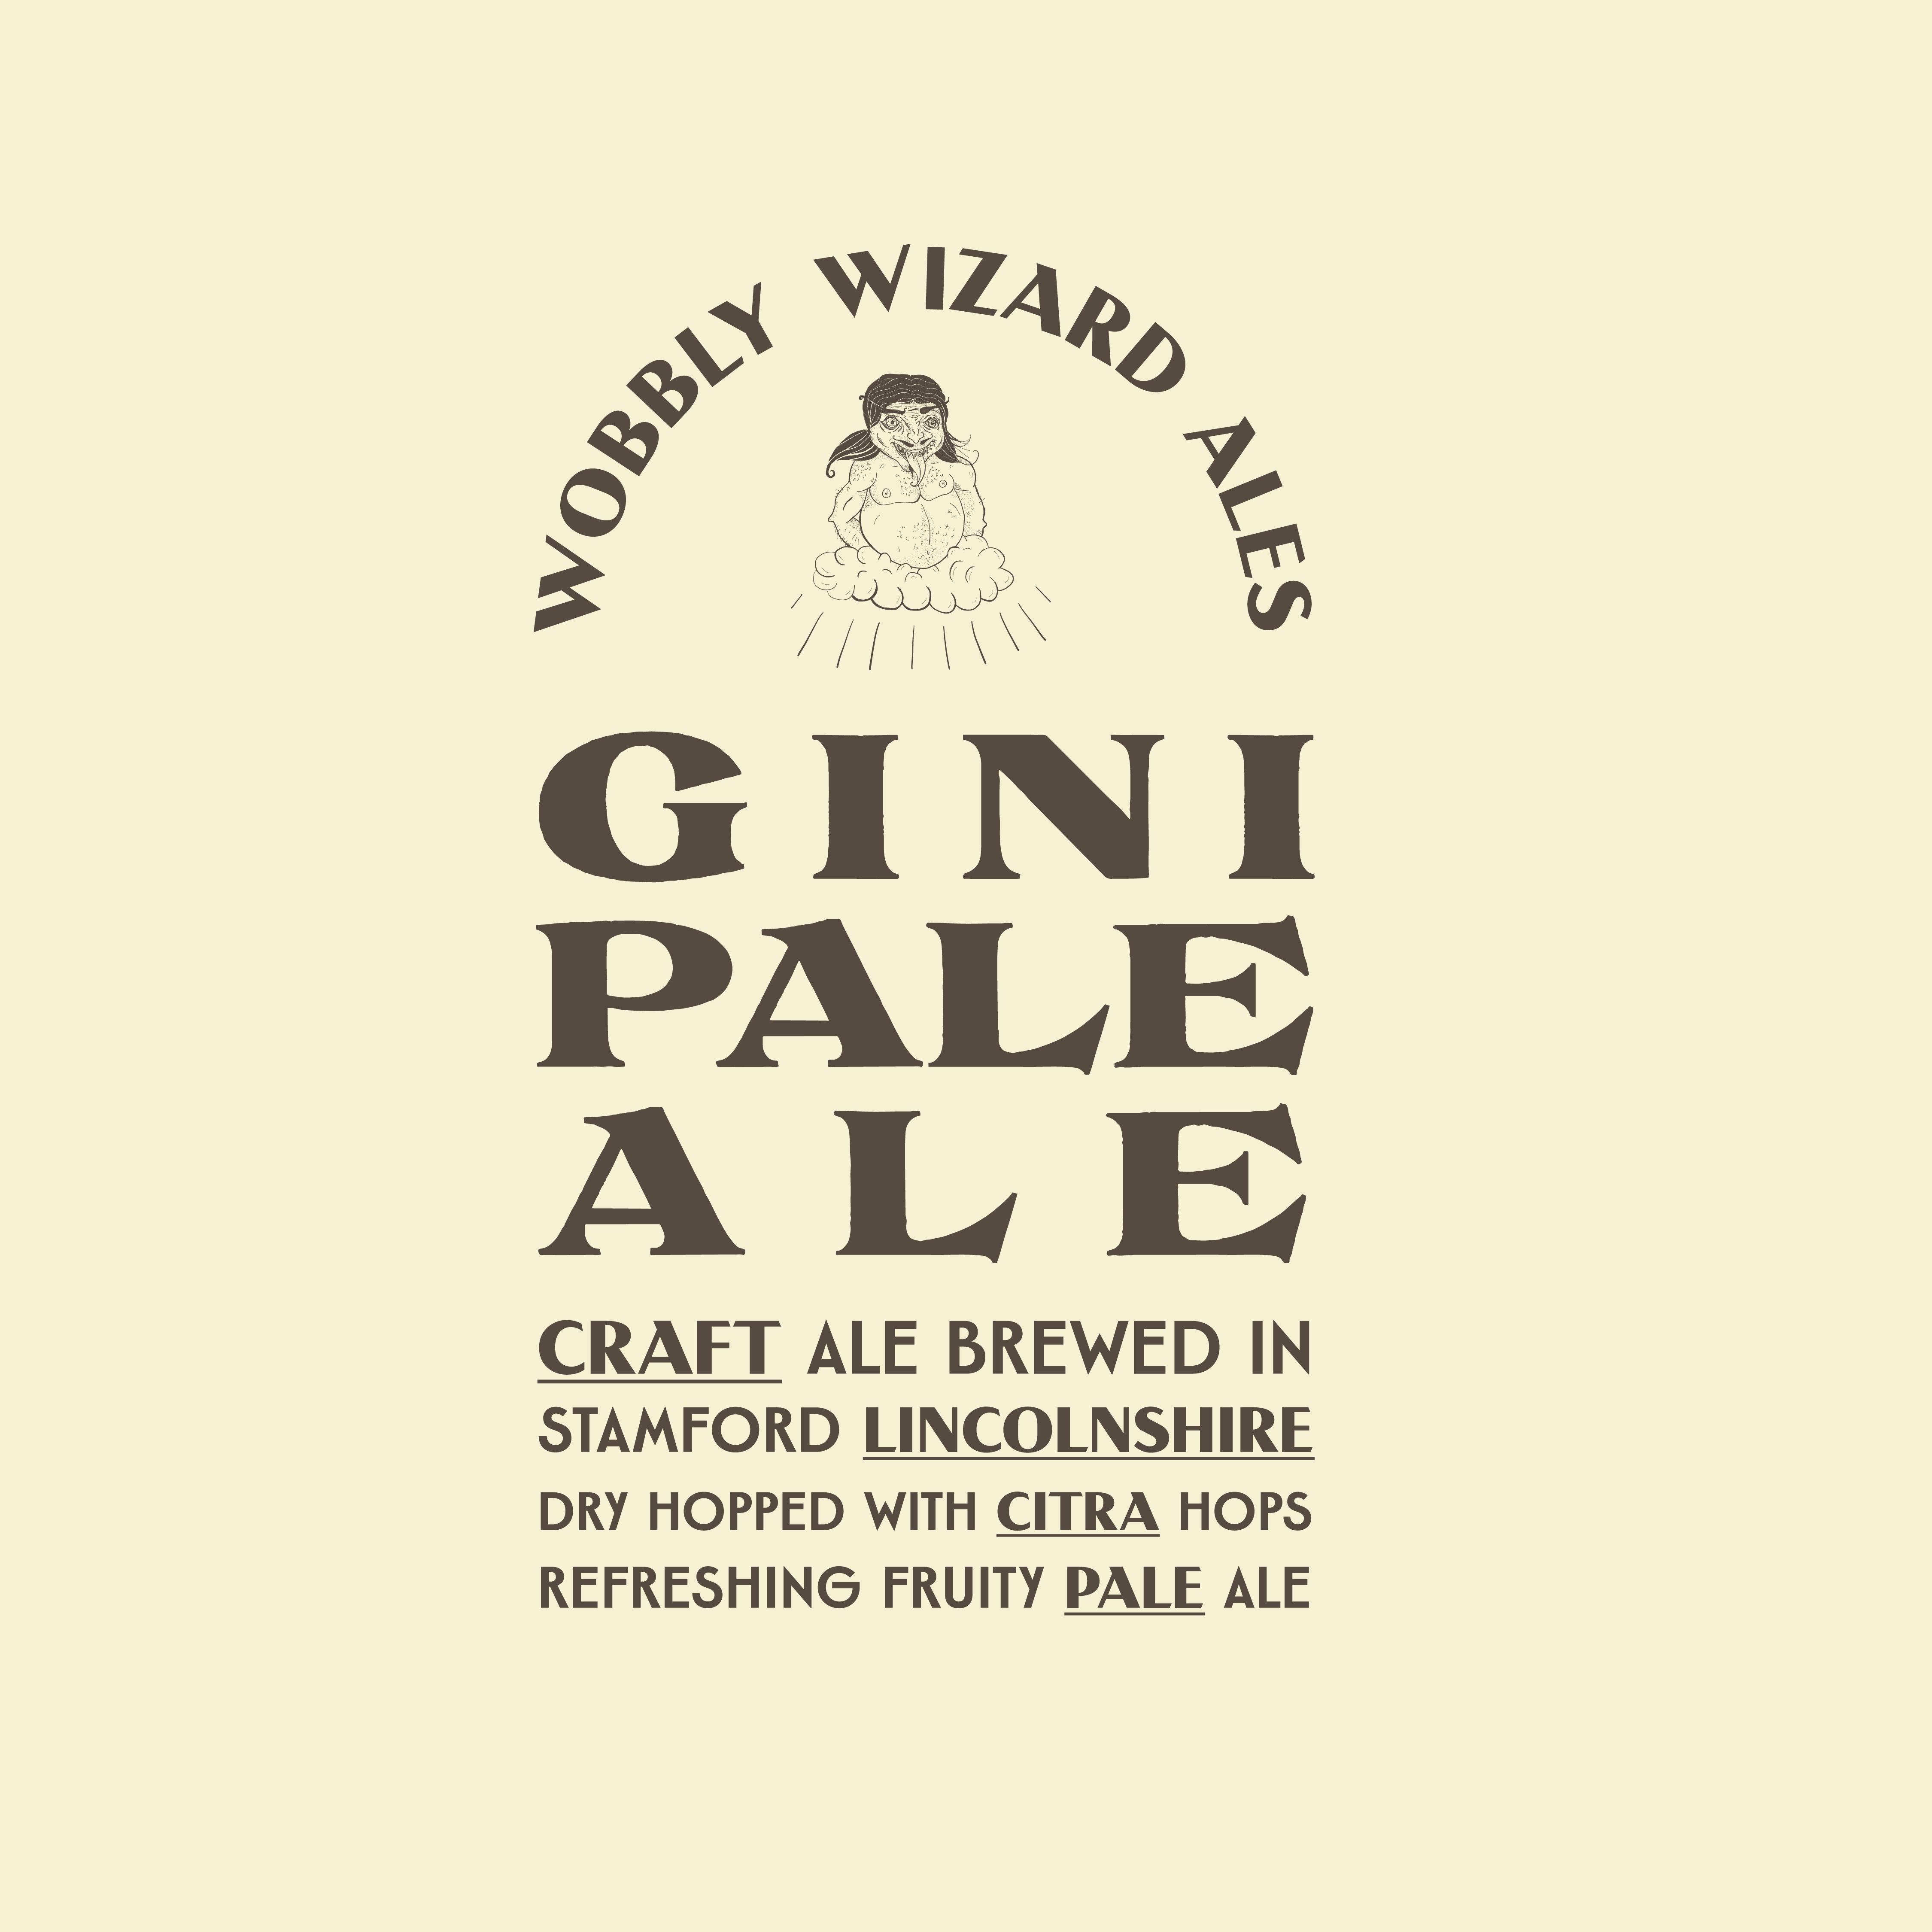 Gini pale ale